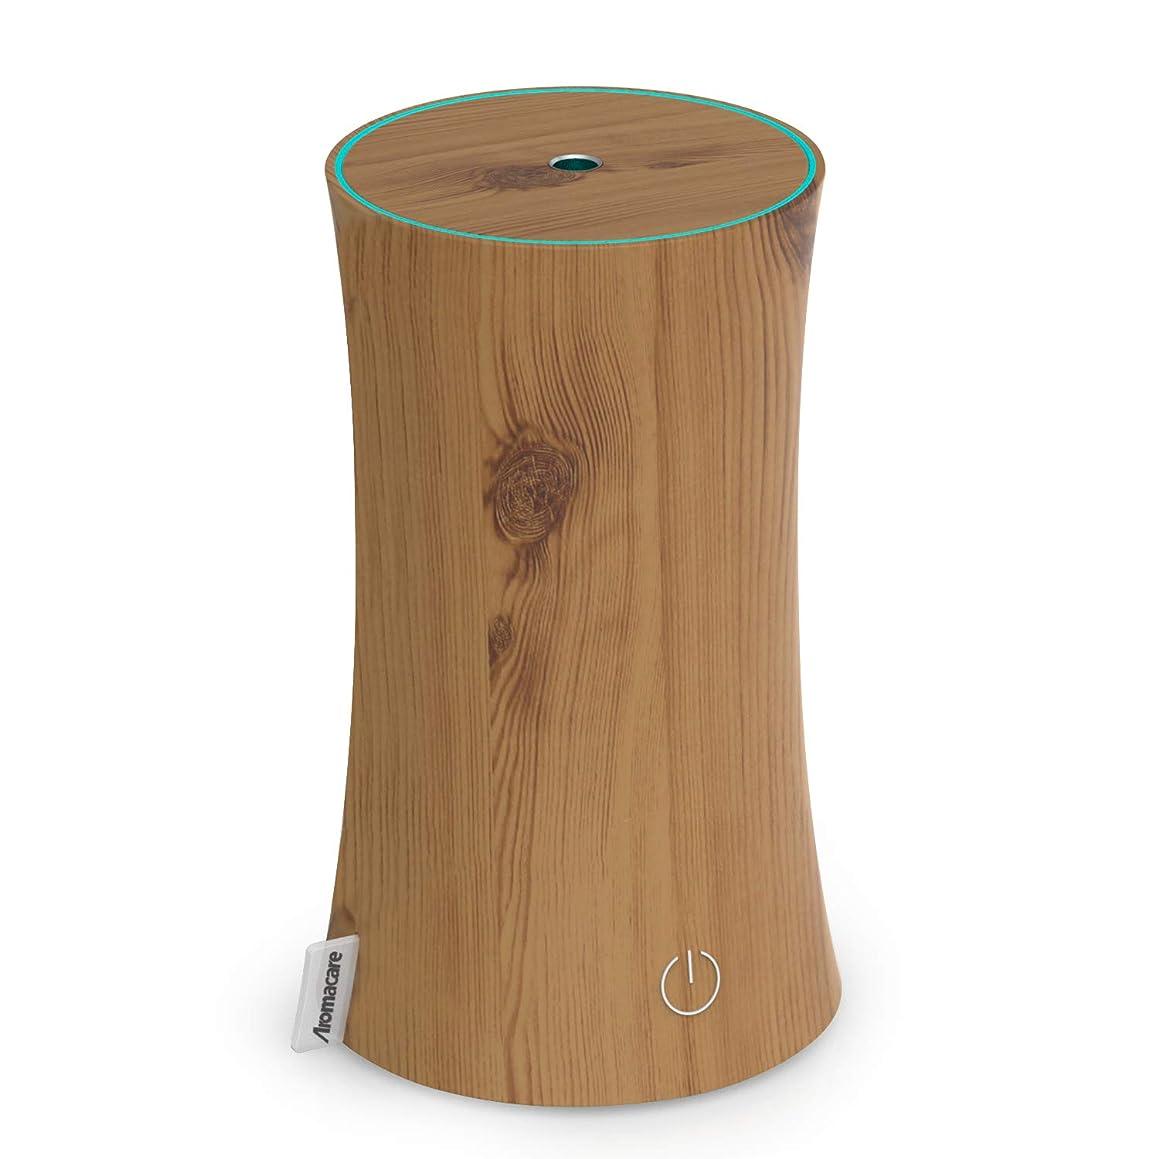 道路曲がったペナルティアロマディフューザー 卓上加湿器 センサー付き 超音波式 空焚き防止 低騒音 300ml 連続運転 各場所用 省エネ 木目調 木の色